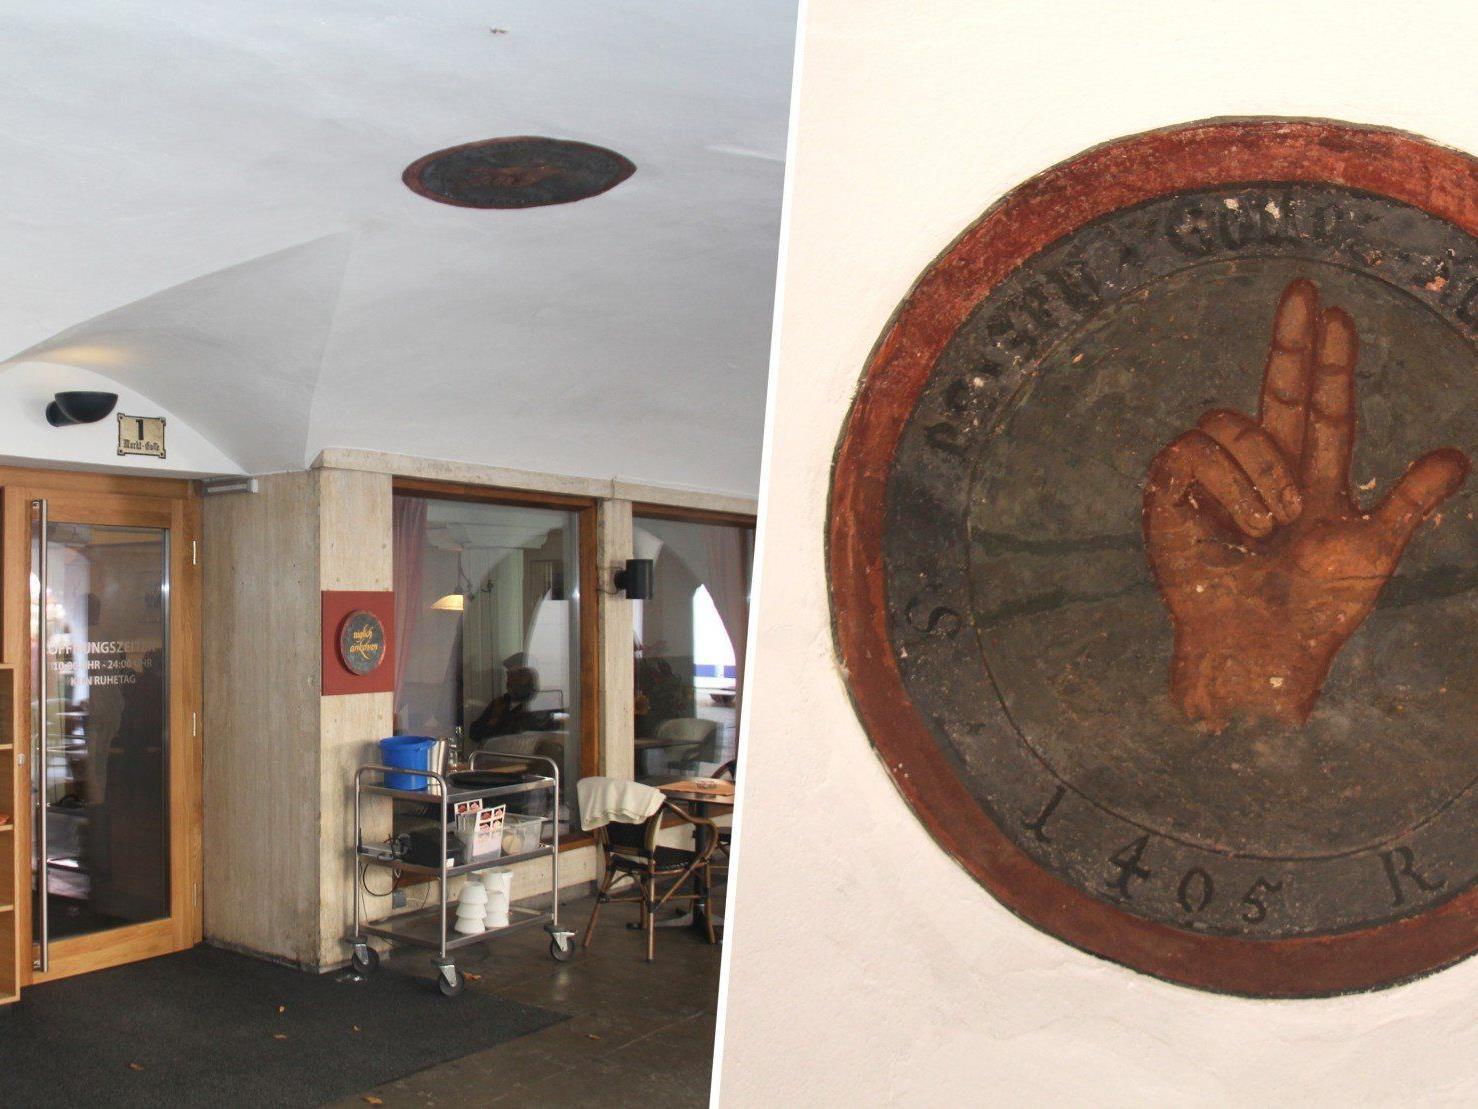 Das Asylzeichen, eine Schwurhand mit der Jahreszahl 1405, hat sich am Plafond des Laubenbogens bis heute erhalten.